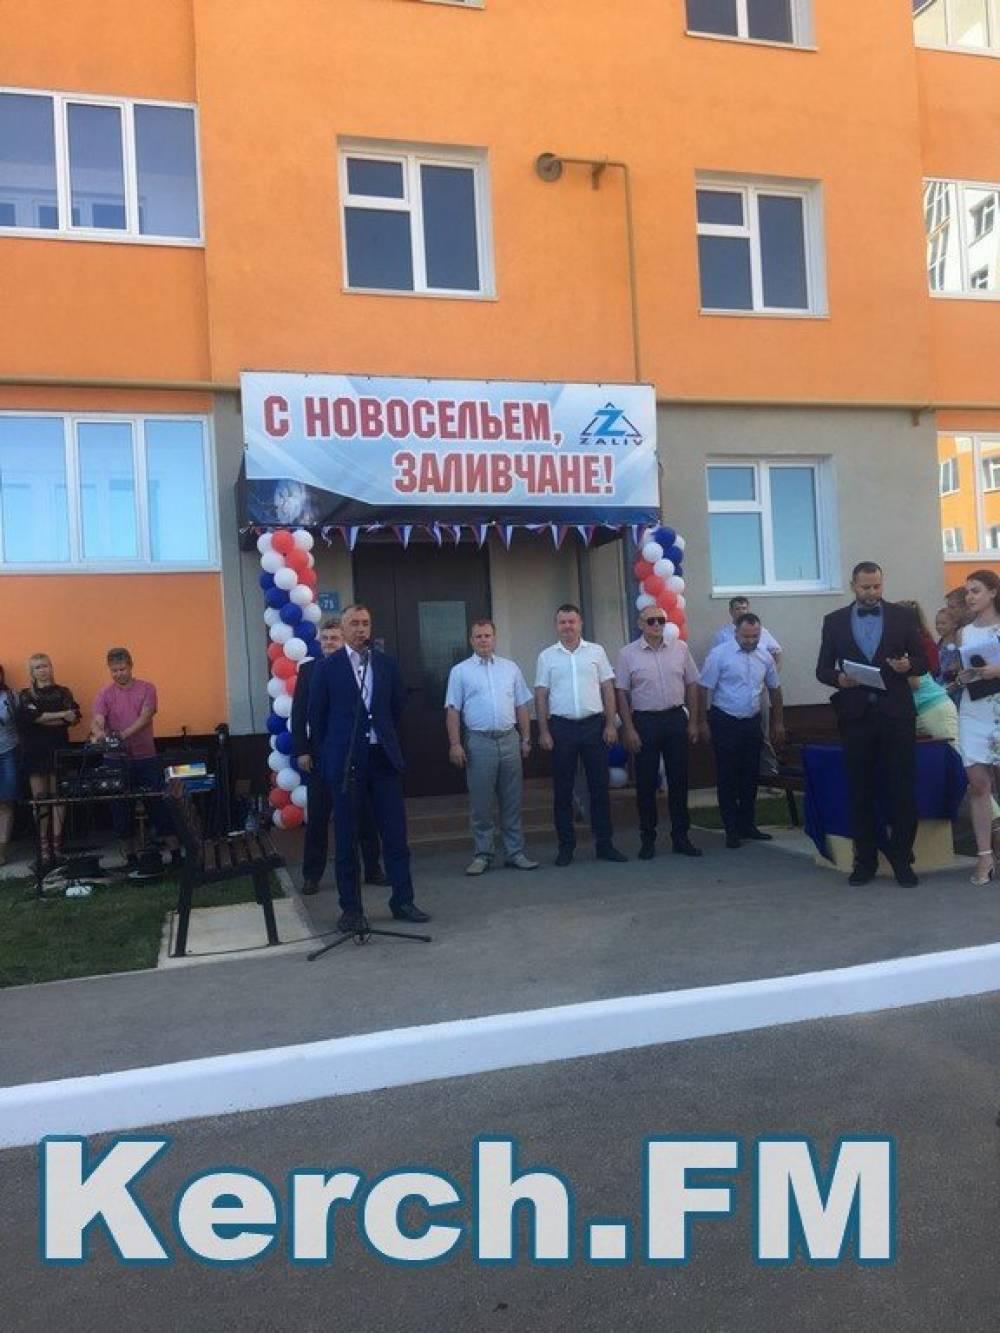 Проходит торжественная церемония открытия нового дома для заливчан